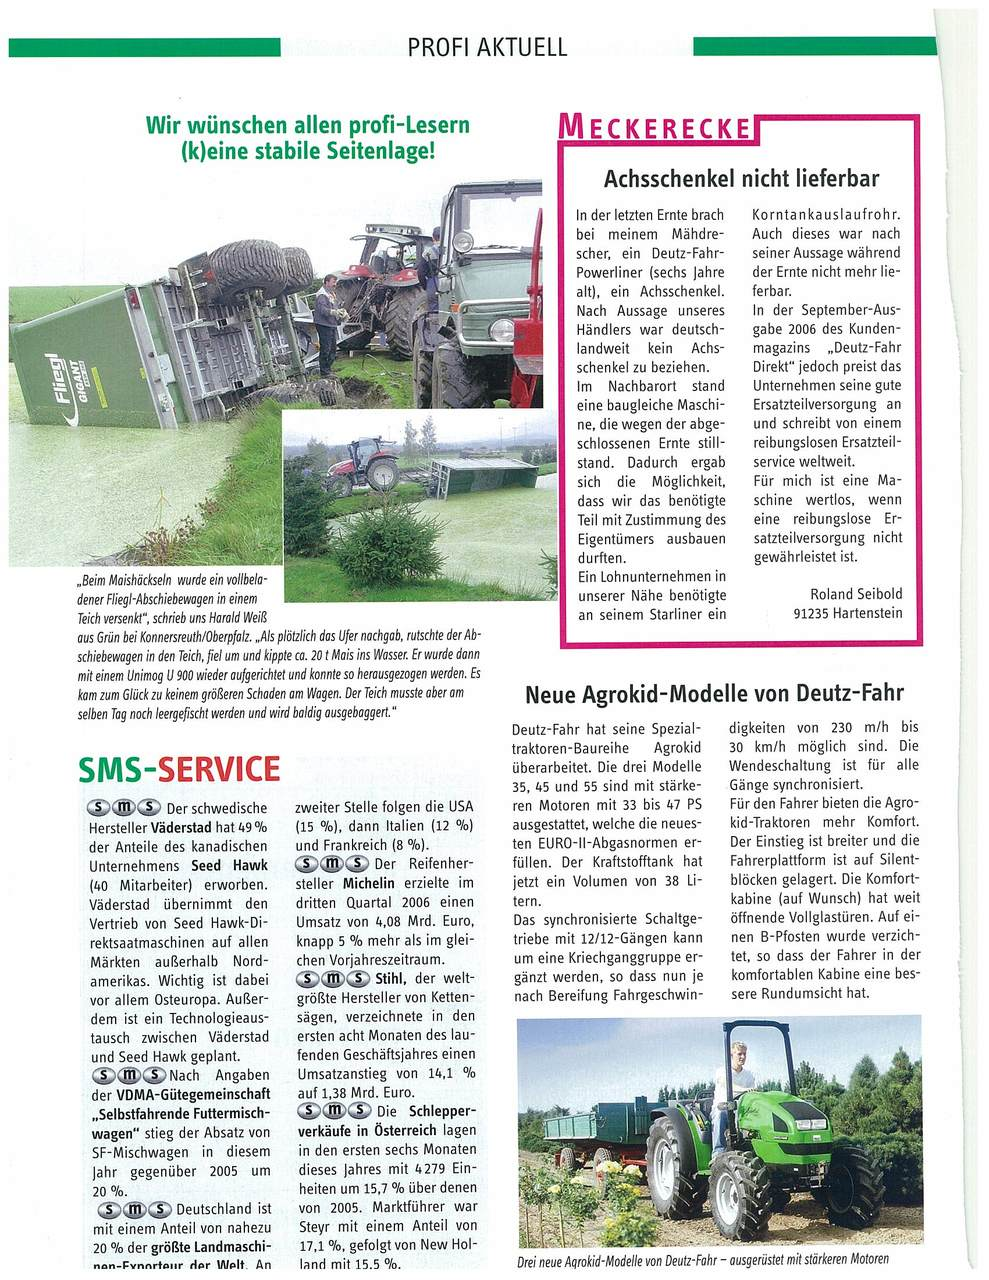 Neue Agrokid-Modelle von Deutz-Fahr